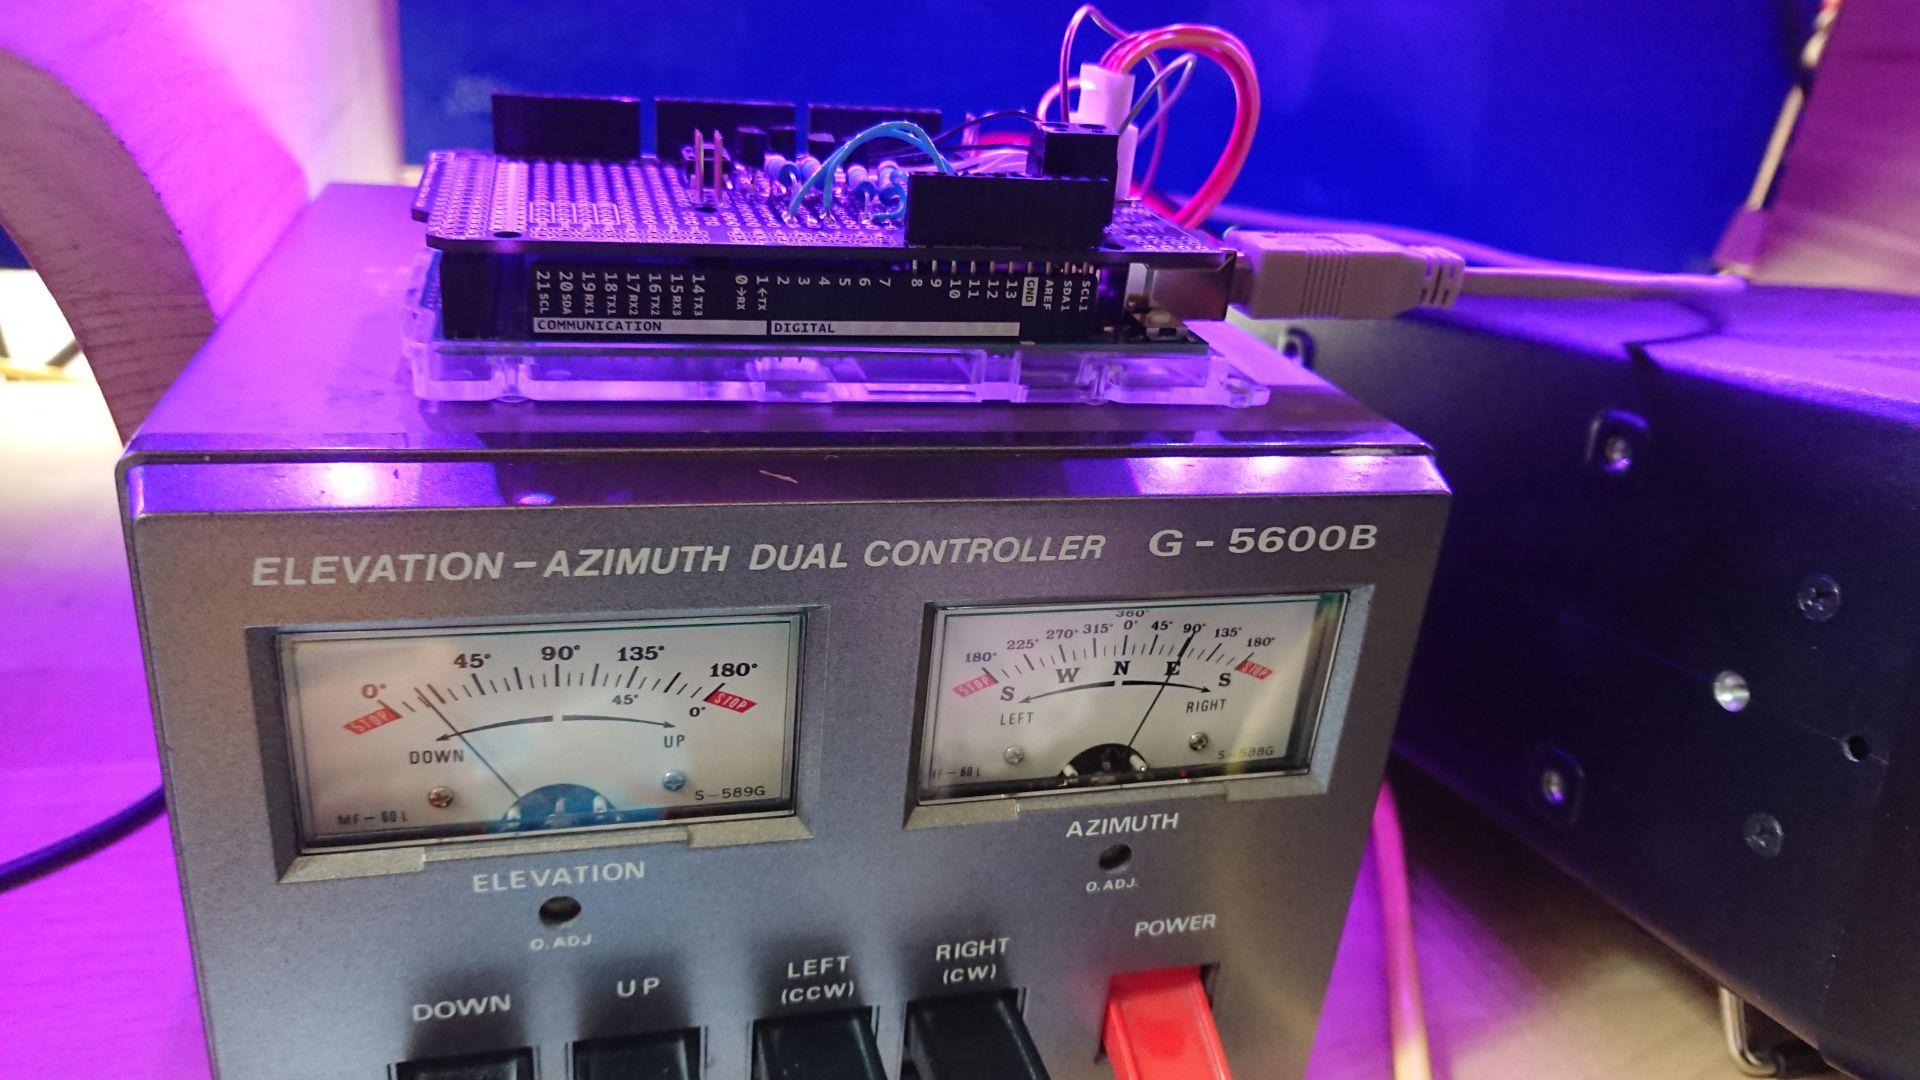 Arduino hat die Rotorsteuerung übernommen